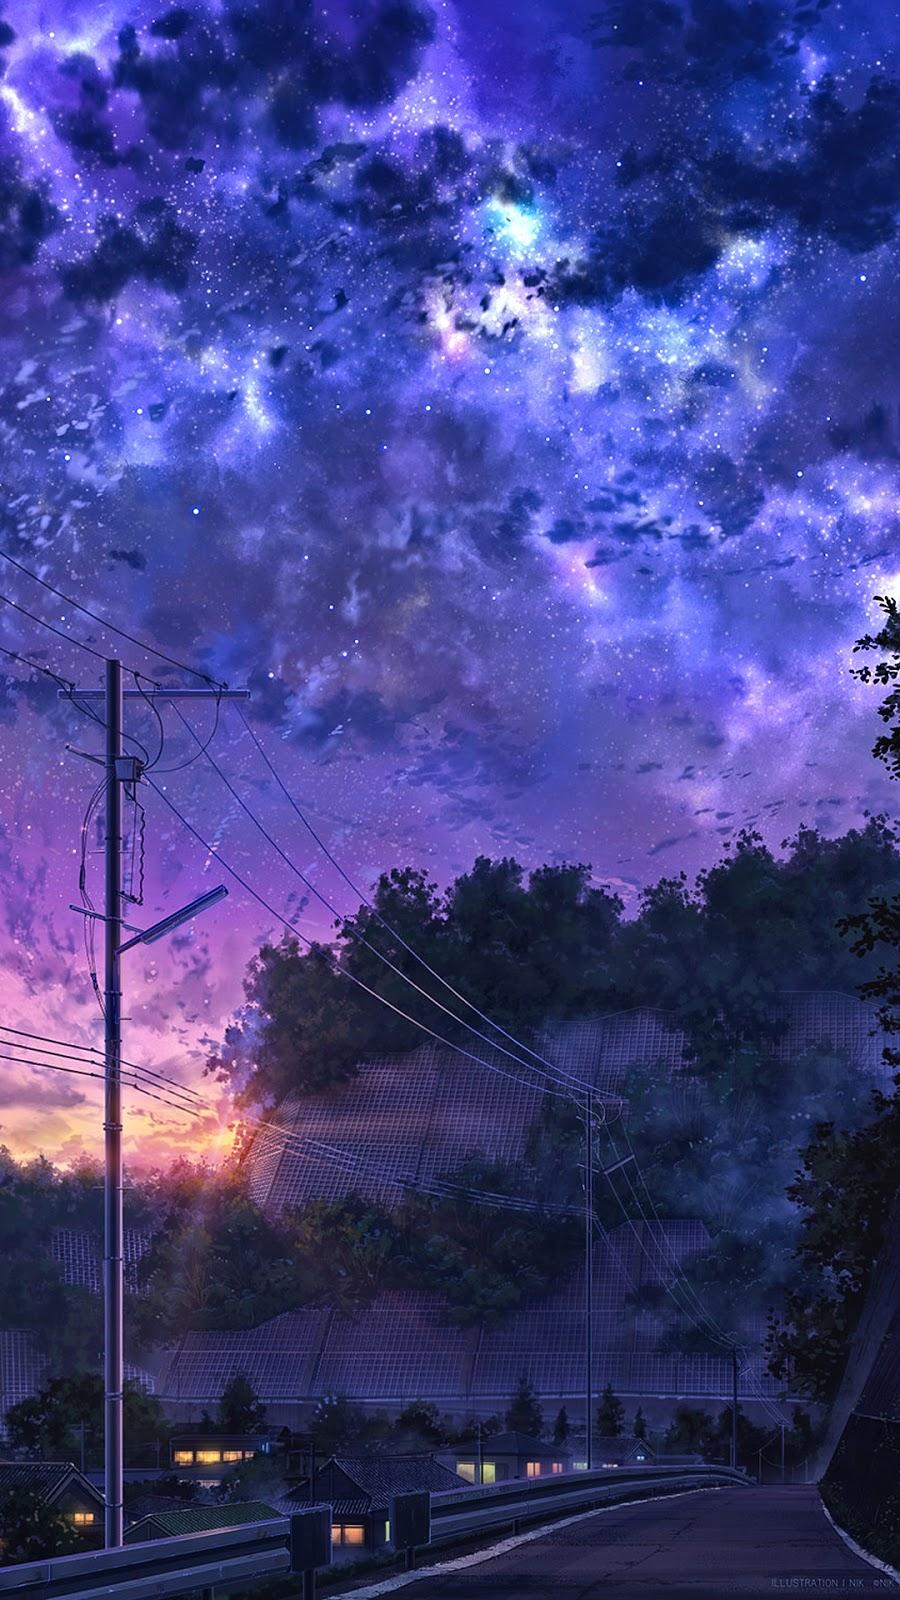 Phong cảnh anime với bầu trời đây sắc màu